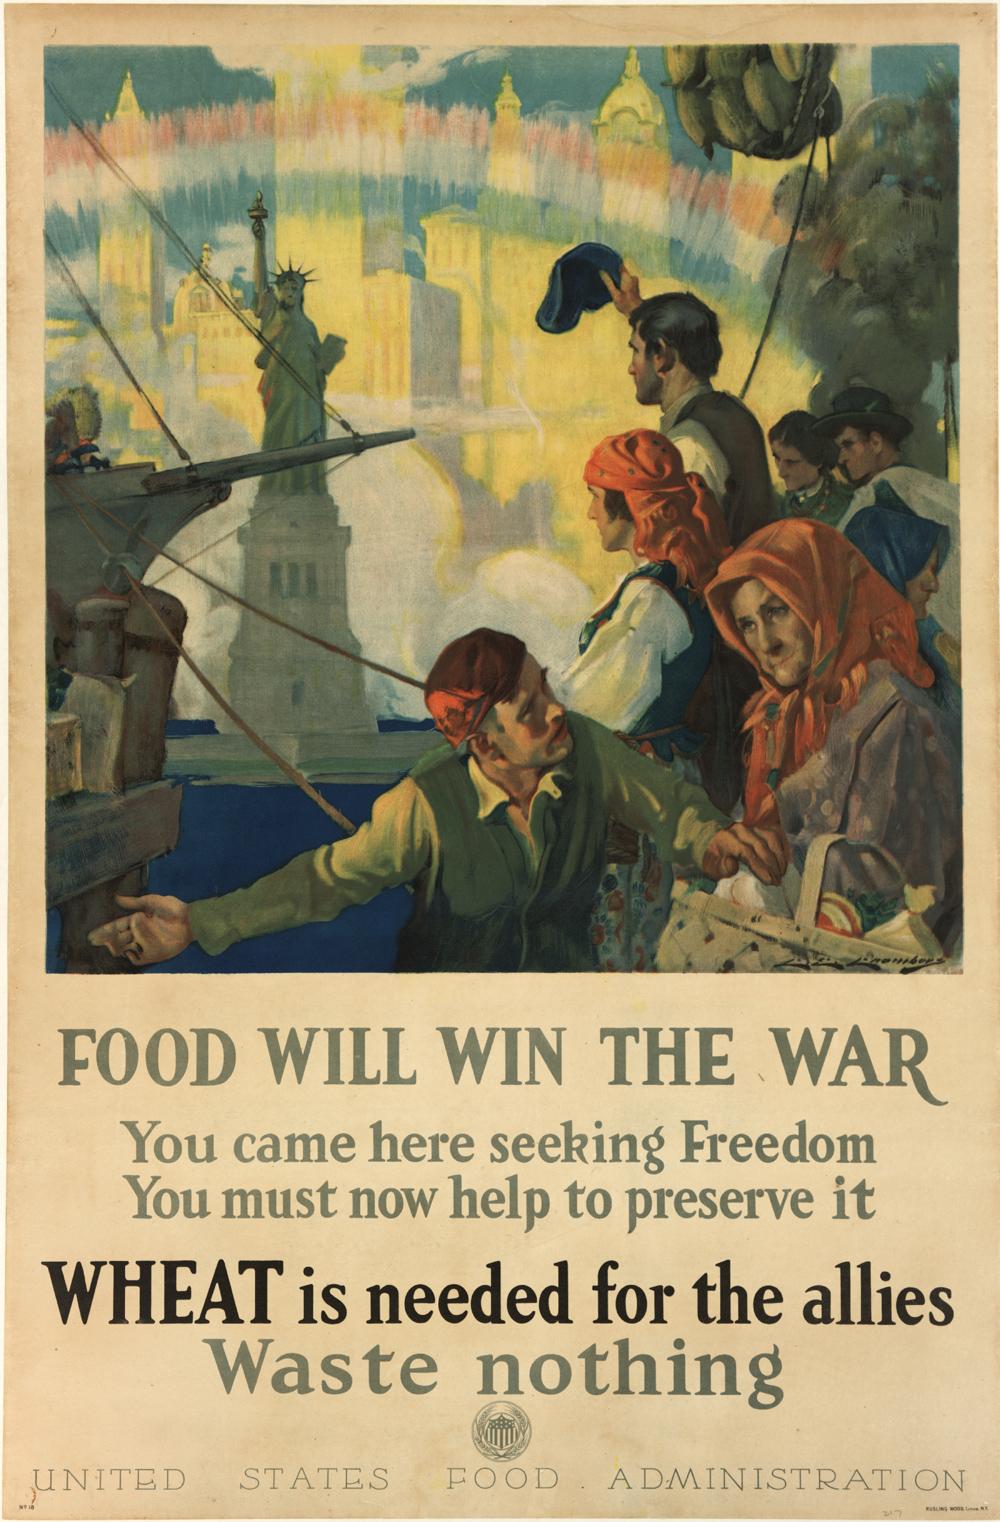 US Food Administration. Food Will Win the War, ca. 1917. (GLC09522)